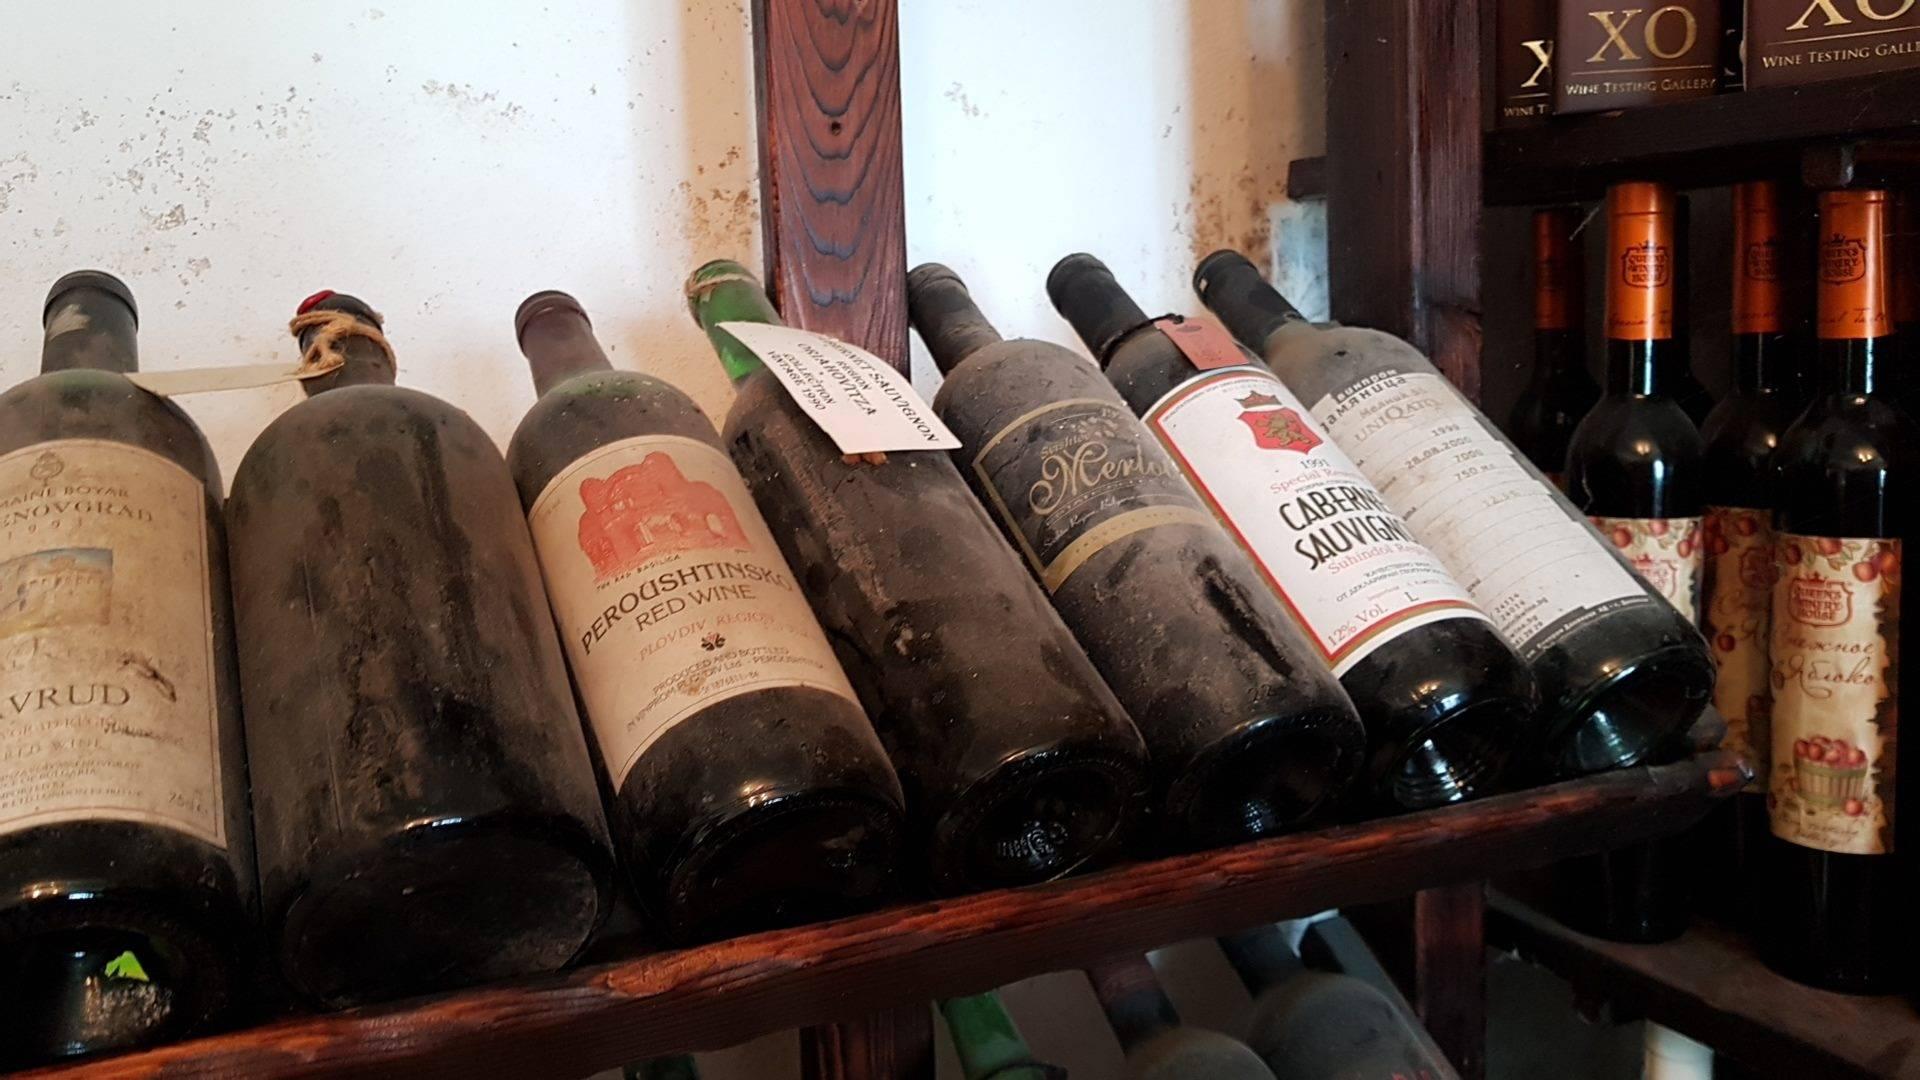 Виноград болгария: описание сорта и его фото, особенности выращивания, история селекции, болезни и вредители